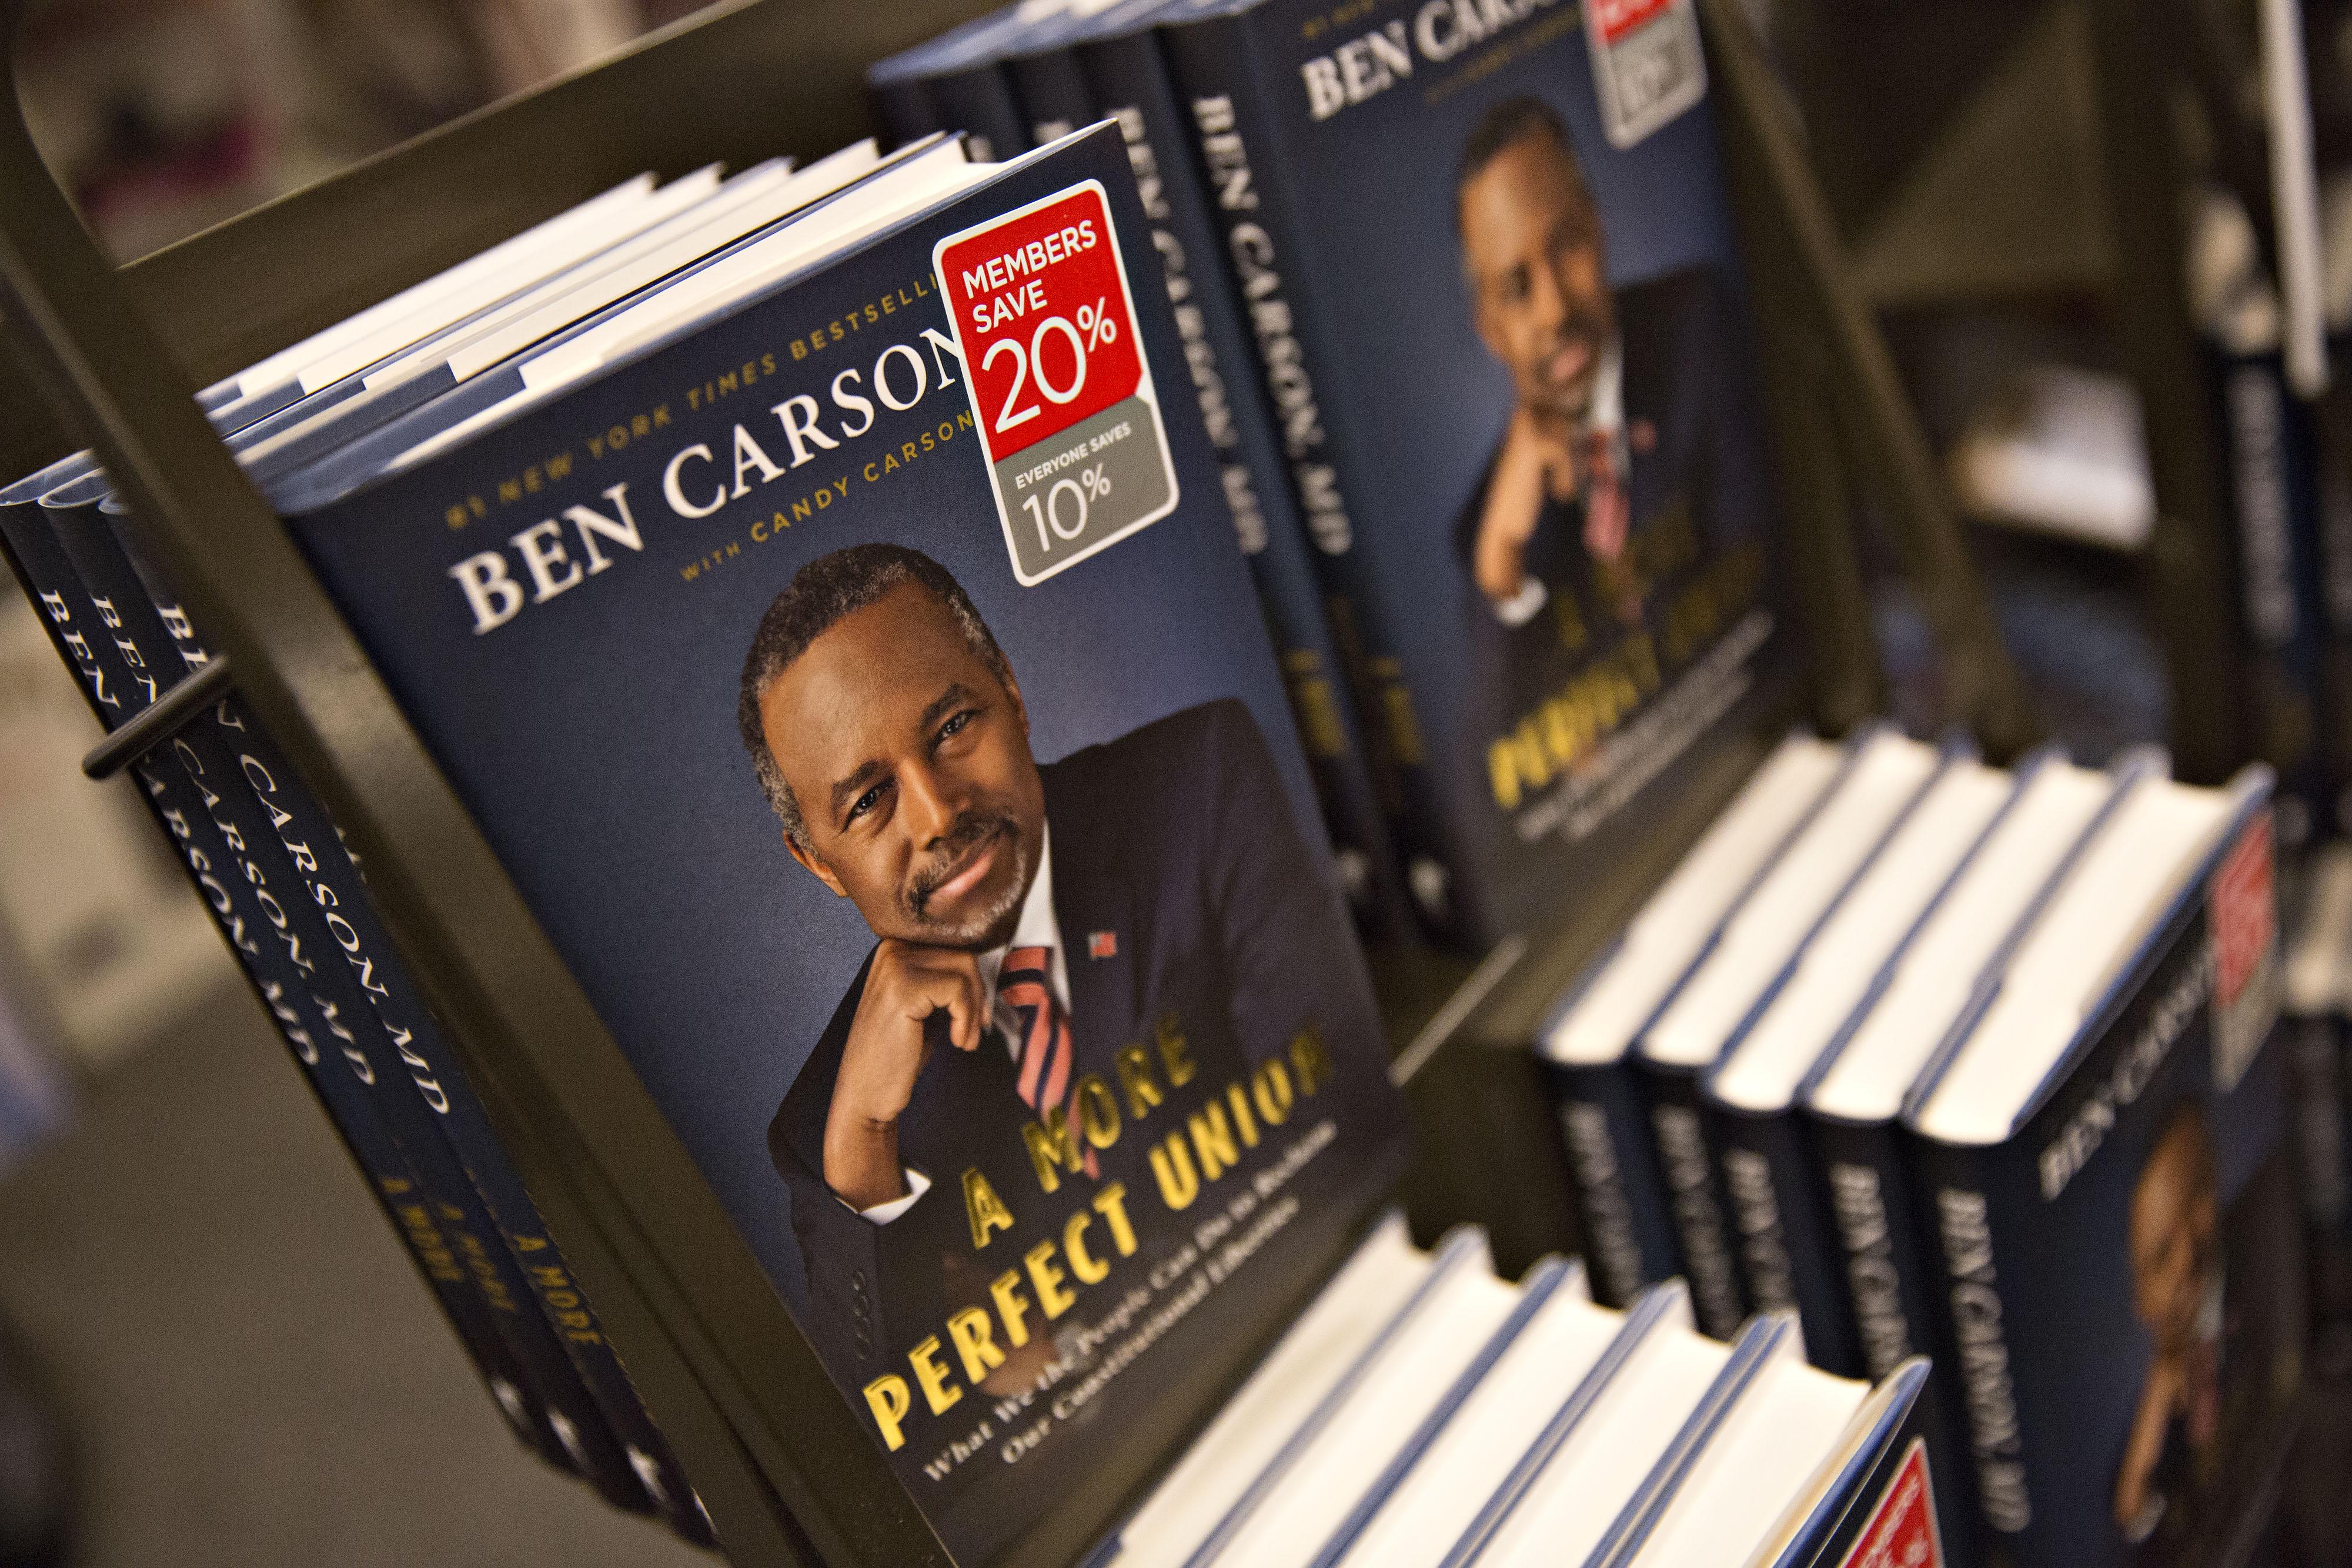 Ben Carson Campaigns In Iowa